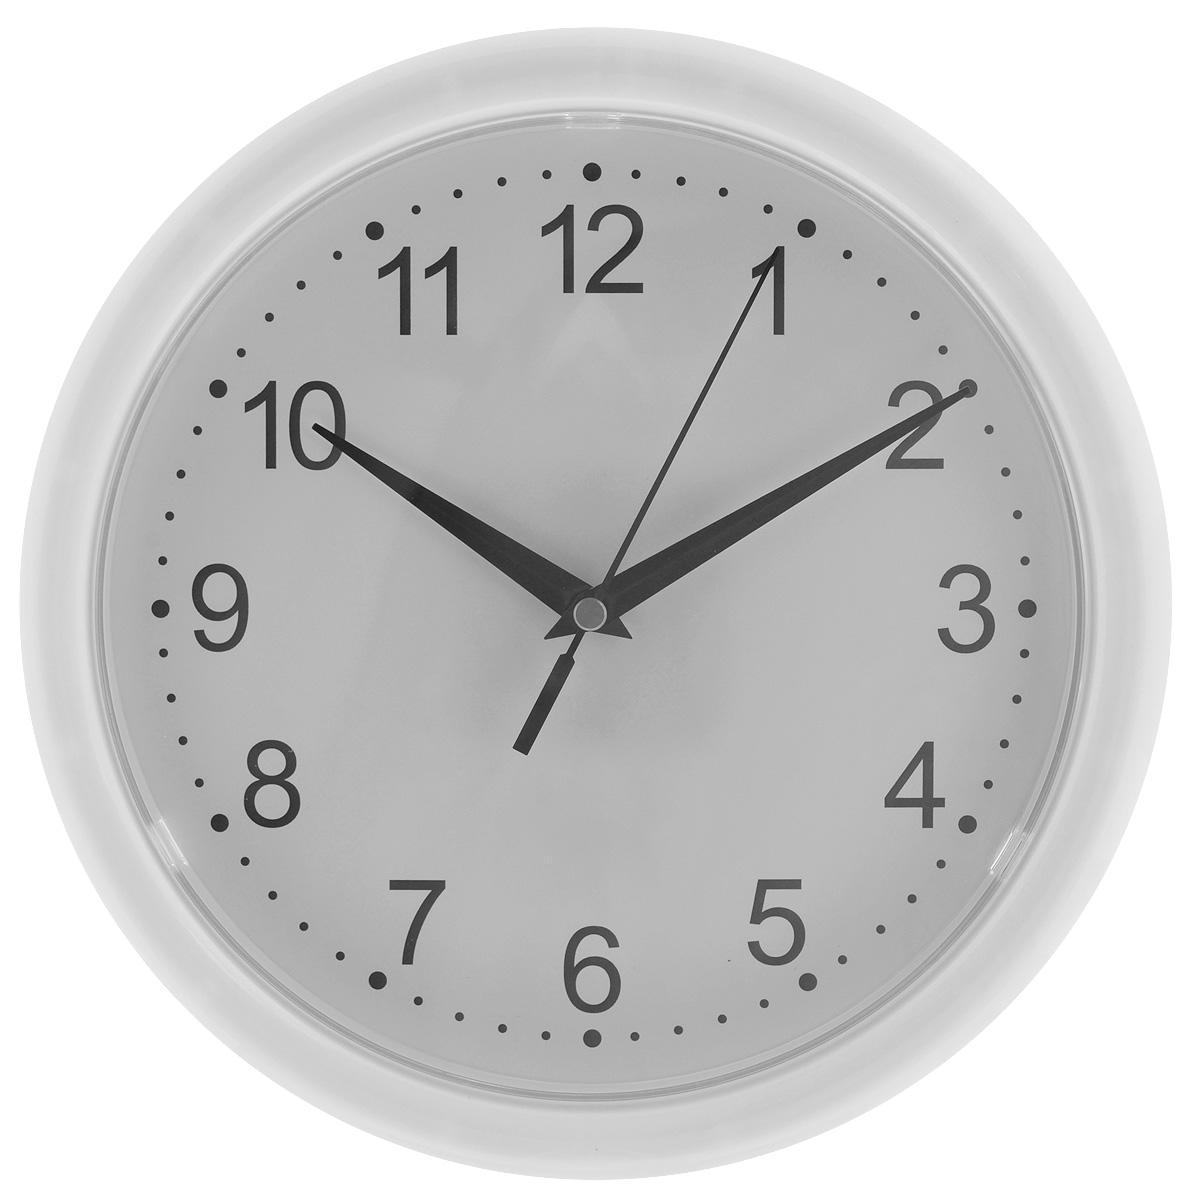 Часы настенные Troyka, цвет: белый. 2121021321210213Настенные кварцевые часы с классическим дизайном Troyka, изготовленные из пластика, прекрасно подойдут под интерьер вашего дома. Круглые часы имеют три стрелки: часовую, минутную и секундную, циферблат защищен прозрачным пластиком. Диаметр часов: 24,5 см. Часы работают от 1 батарейки типа АА напряжением 1,5 В (входит в комплект).